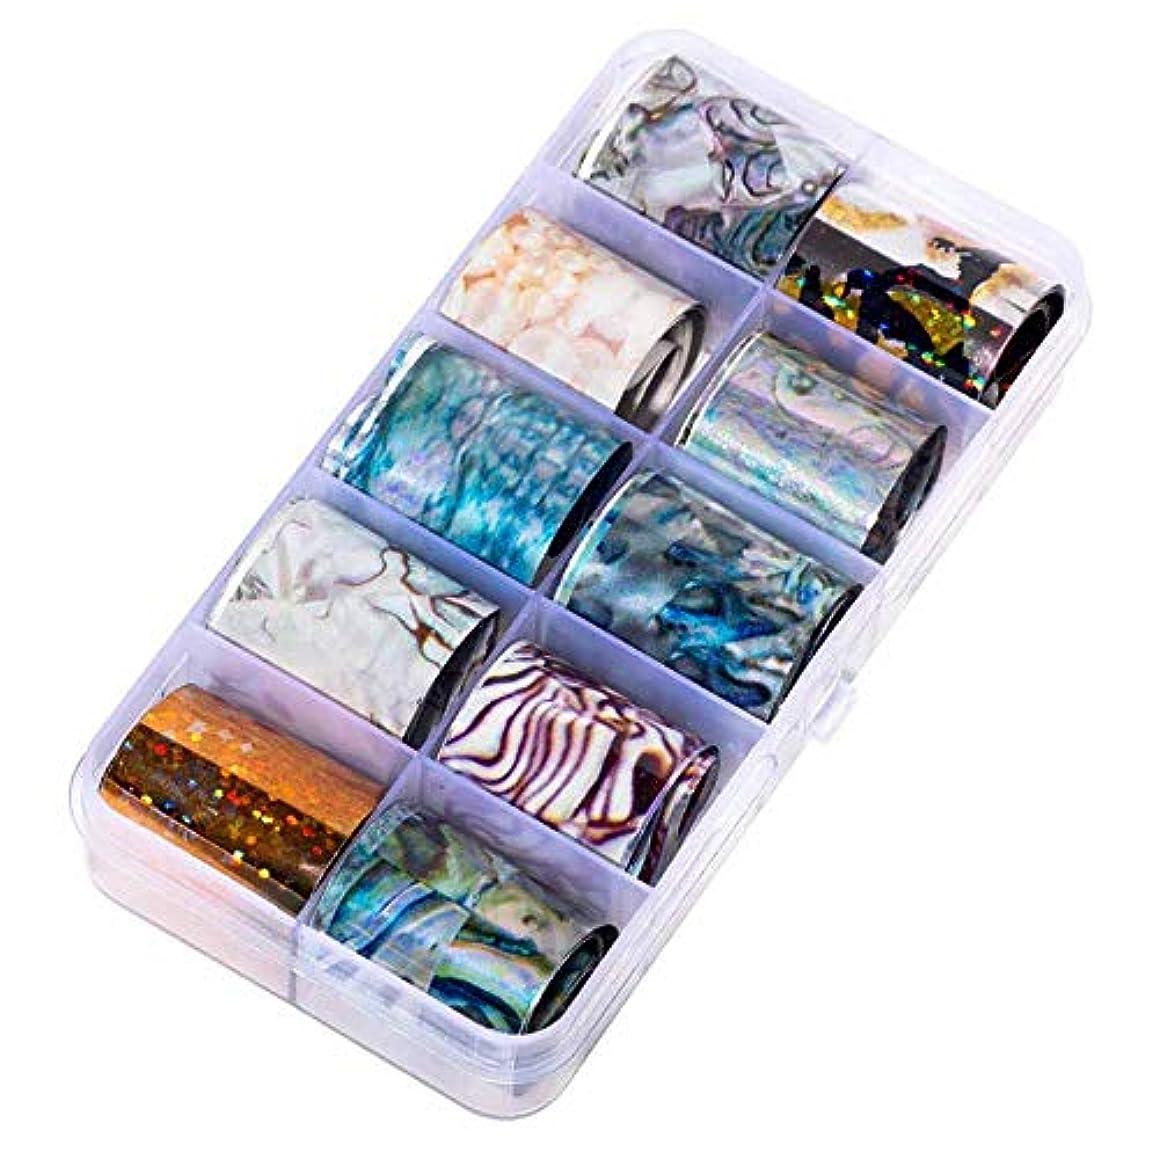 に応じて吸収剤重くするOSOGODE(オソグド) ネイルホイルシール ネイルステッカー 貝殻シール 貝殻柄ネイルホイル箔 10色セット セロファン DIYネイルチップデコレーション (W8)